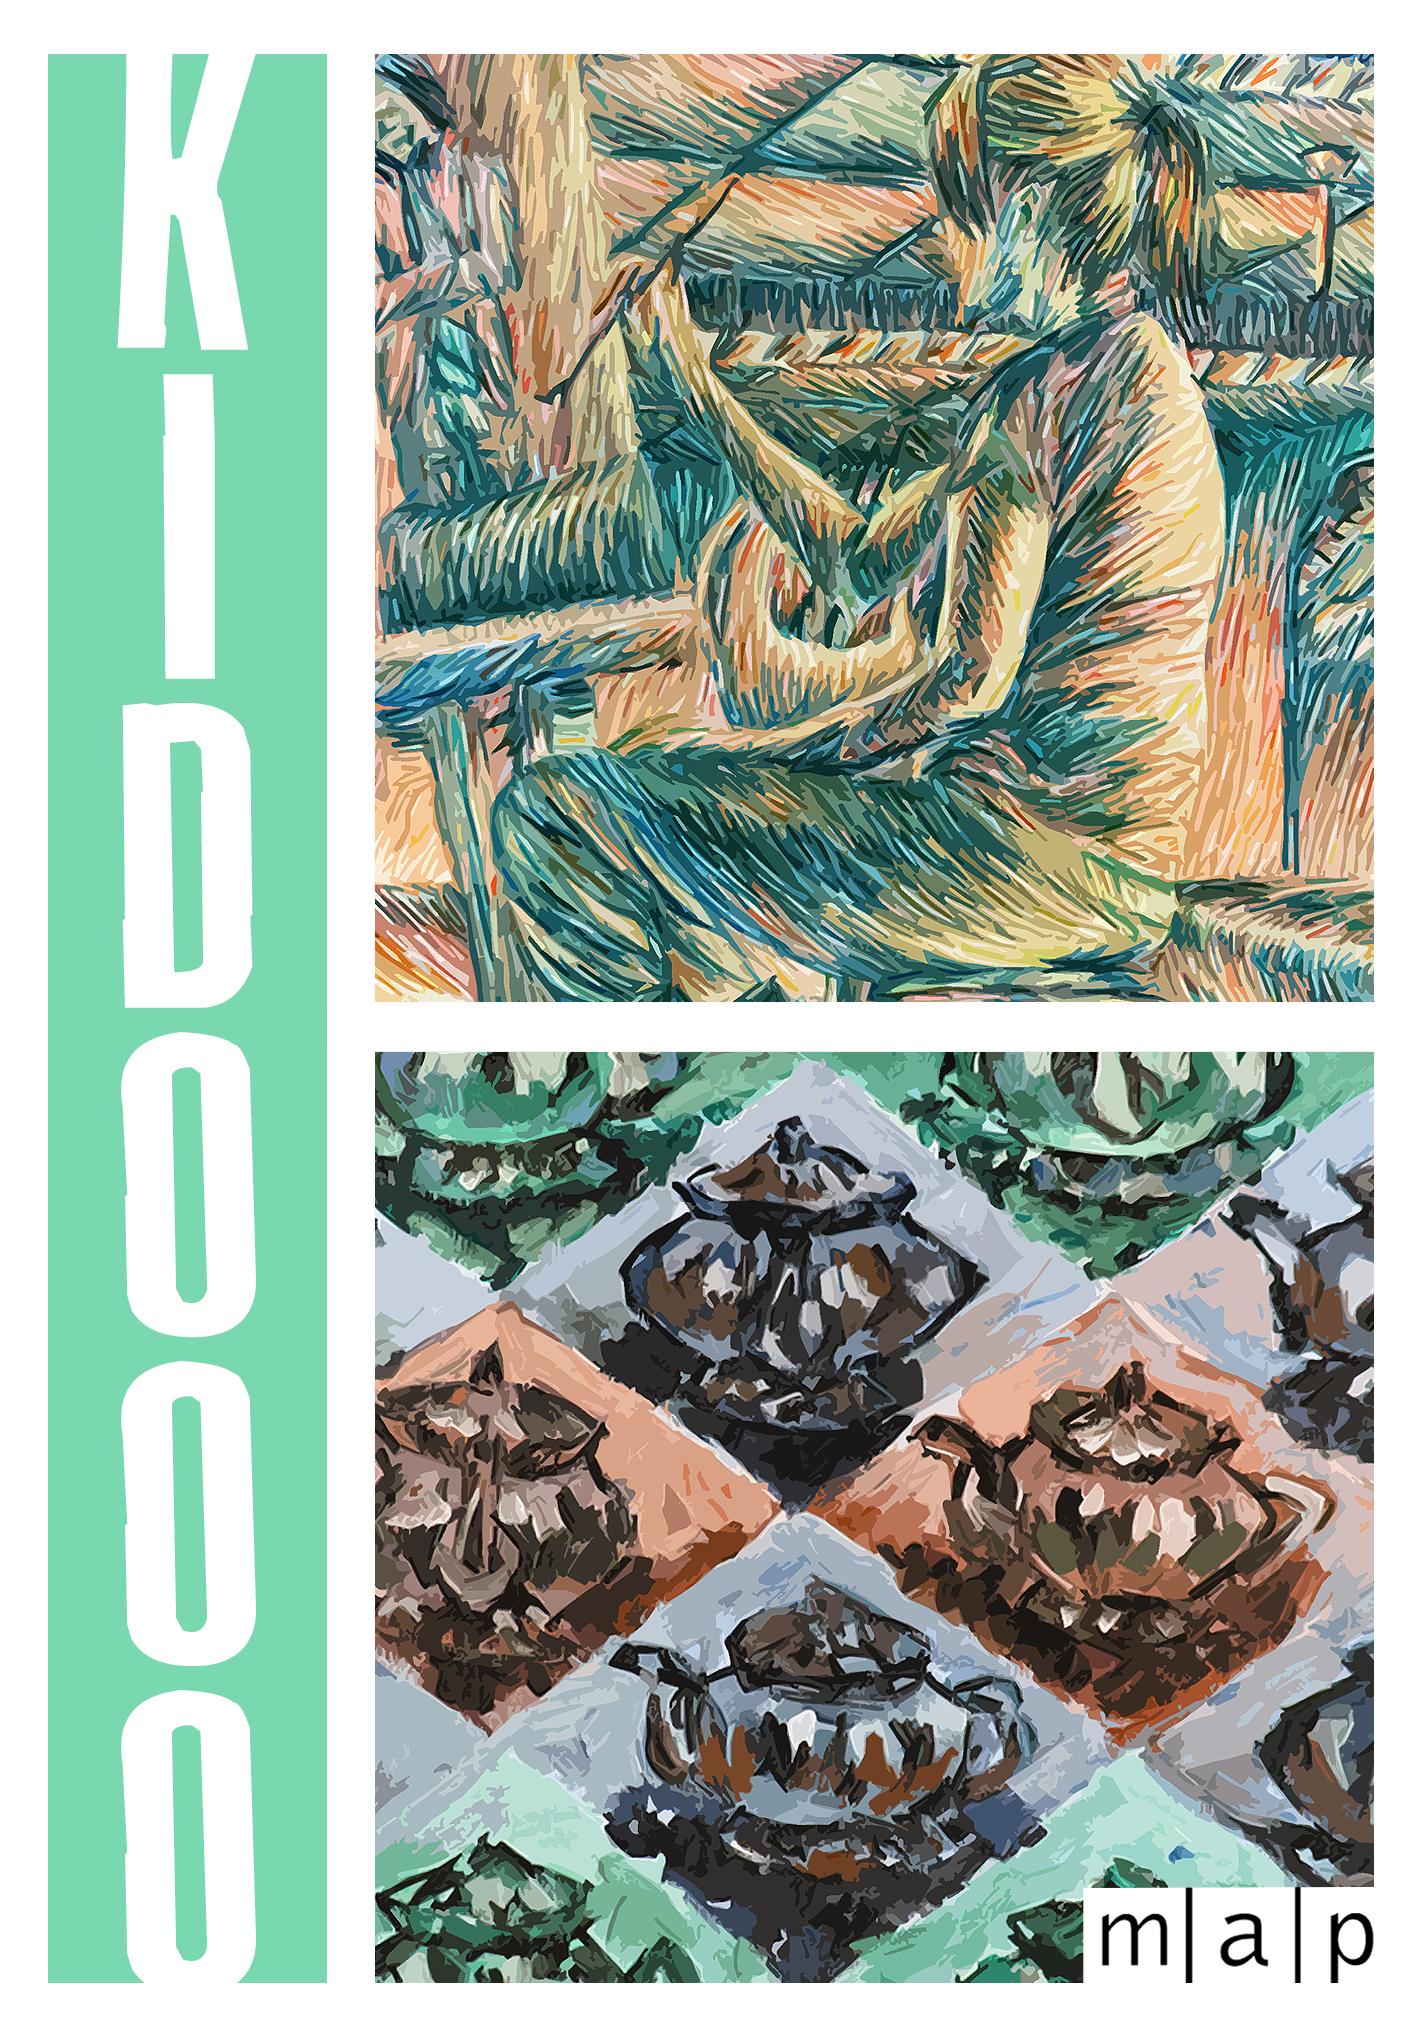 KIDOOO 2017 flyer